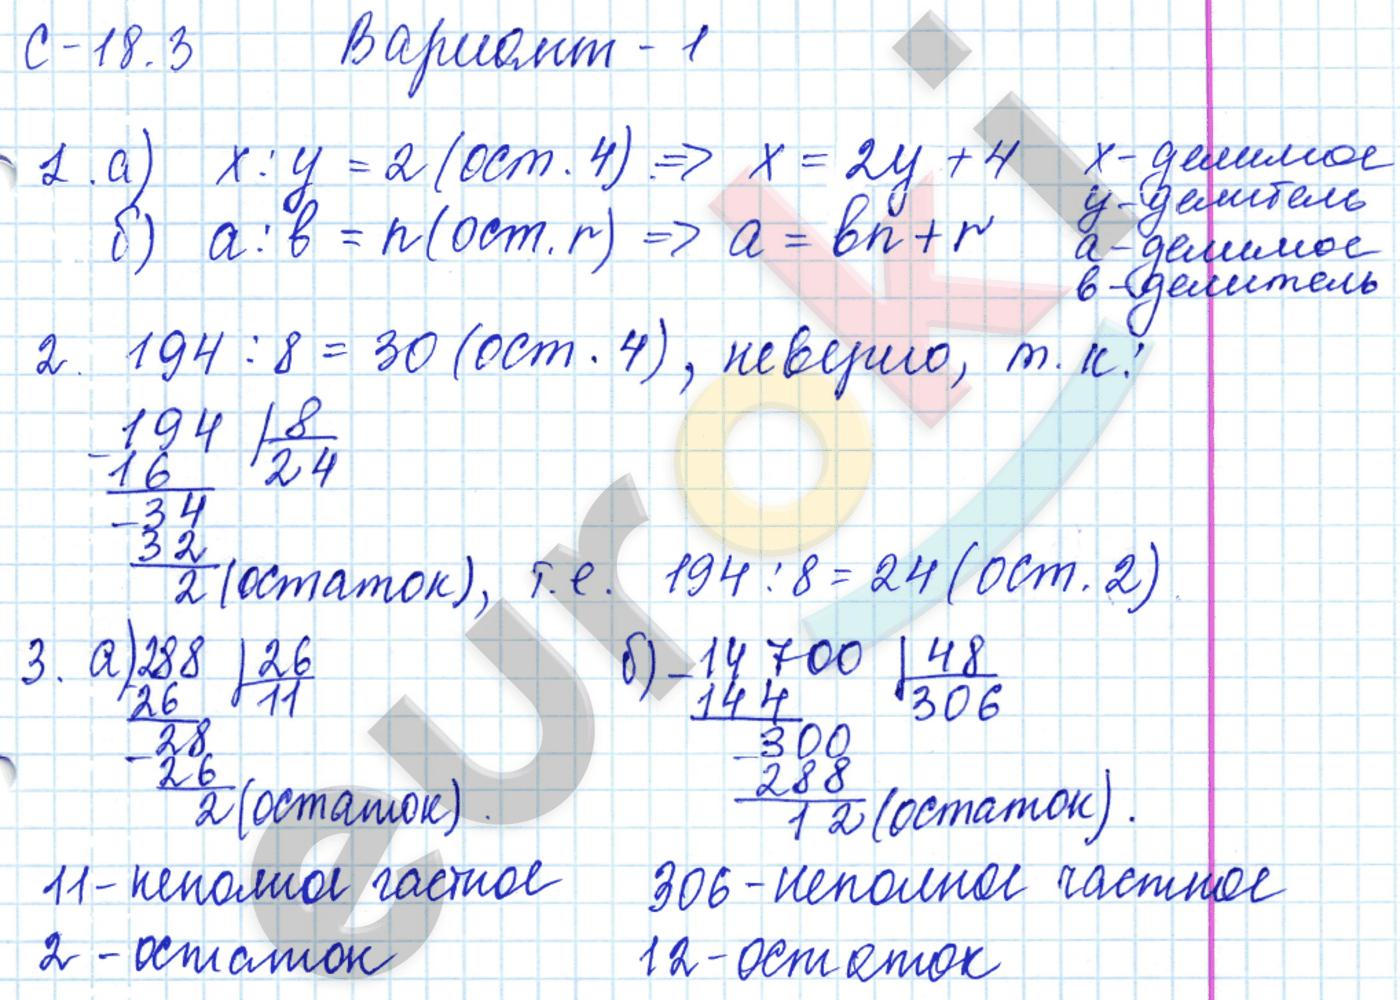 ГДЗ по математике 5 класс самостоятельные работы Зубарева, Мильштейн, Шанцева Тема 2. Обыкновенные дроби, С-18.3. Деление с остатком. Задание: Вариант 1